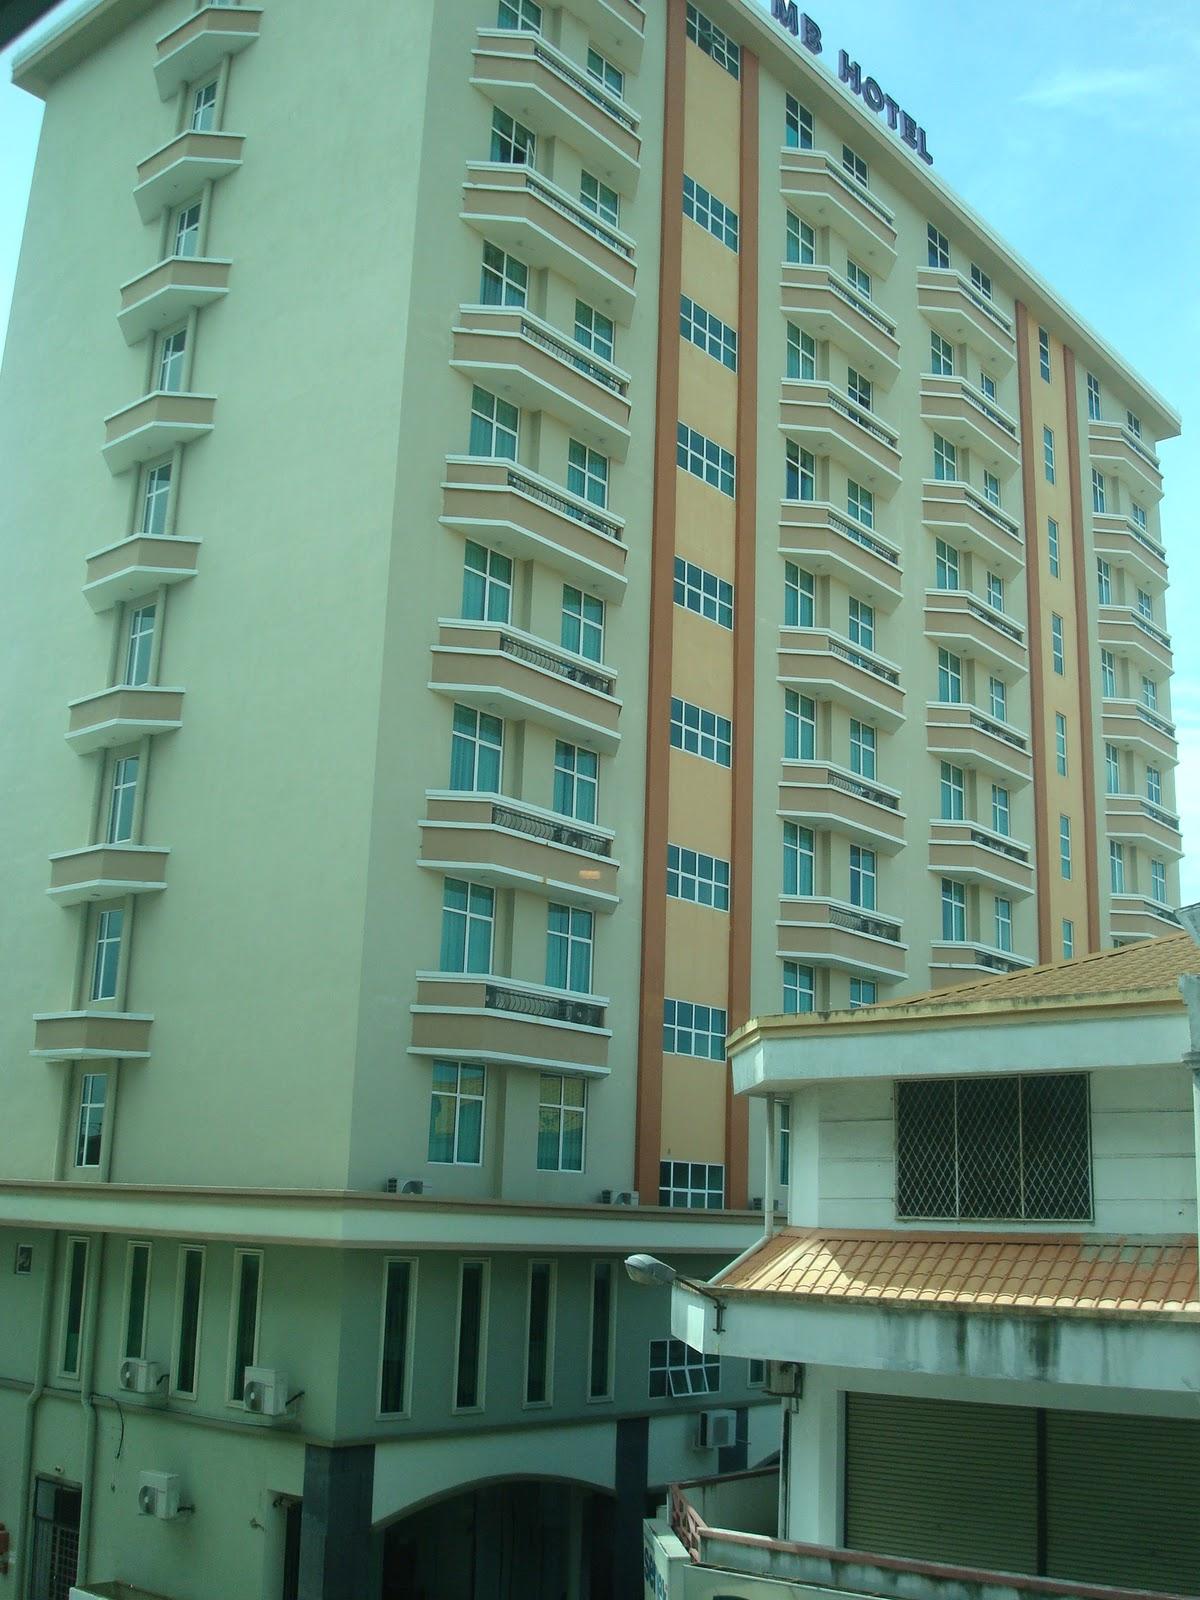 Di Bandar Tawau Terdapat Banyak Hotel Dan Kedudukannya Berdekatan Antara Satu Sama Lain Kami Memilih Heritage Sebagai Tempat Penginapan Kerana